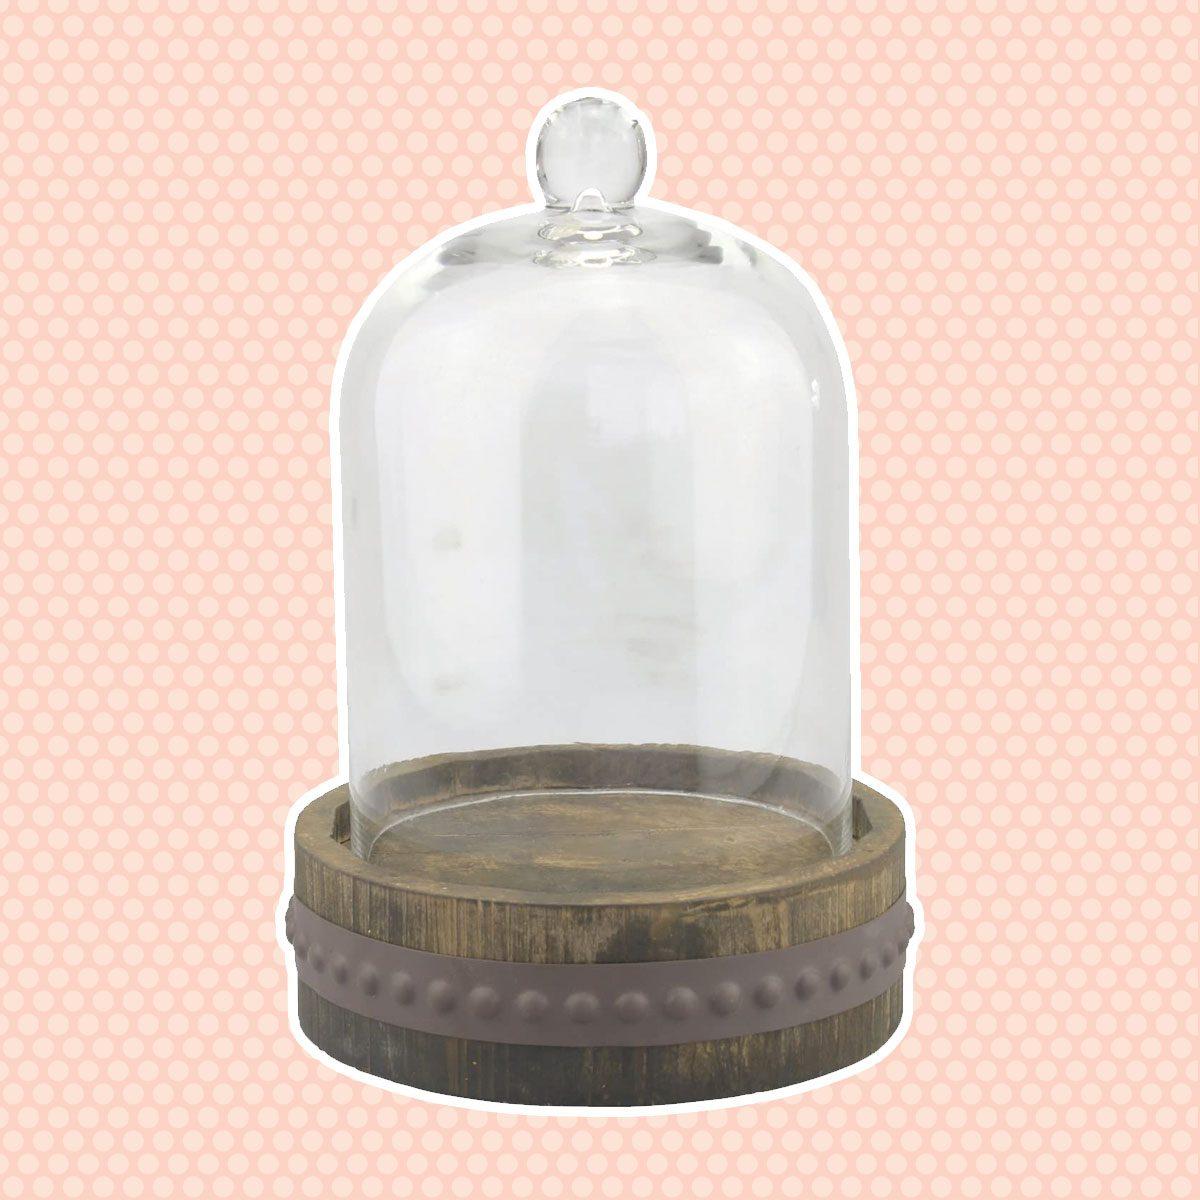 Glass Bell Jar vintage easter decorations